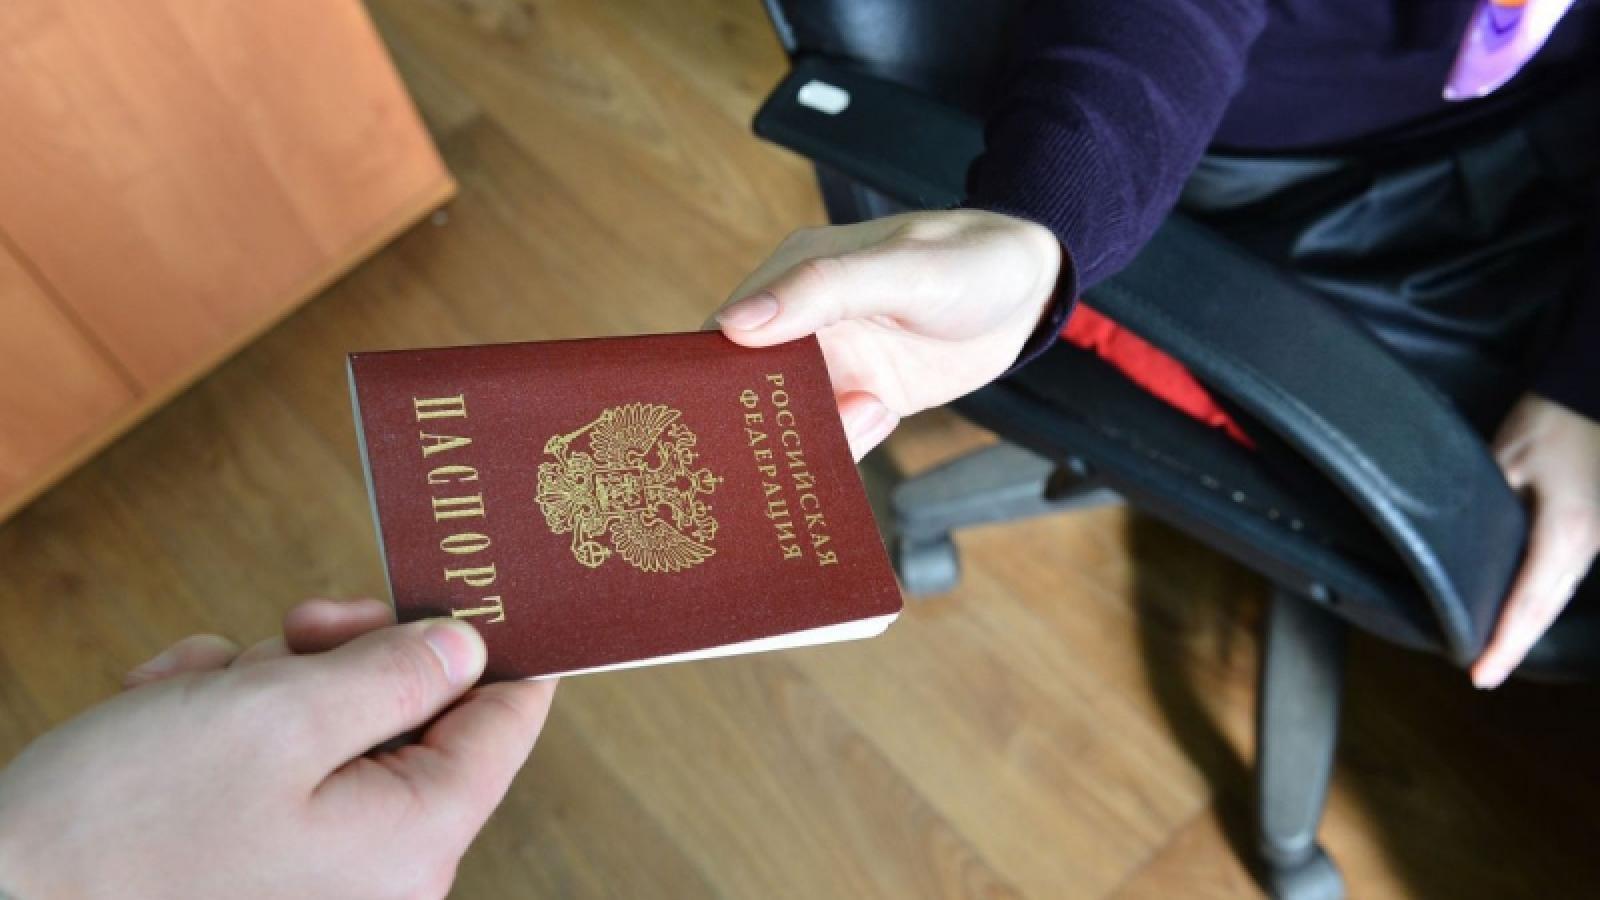 На паспорта вологжан оформили кредиты без их ведома